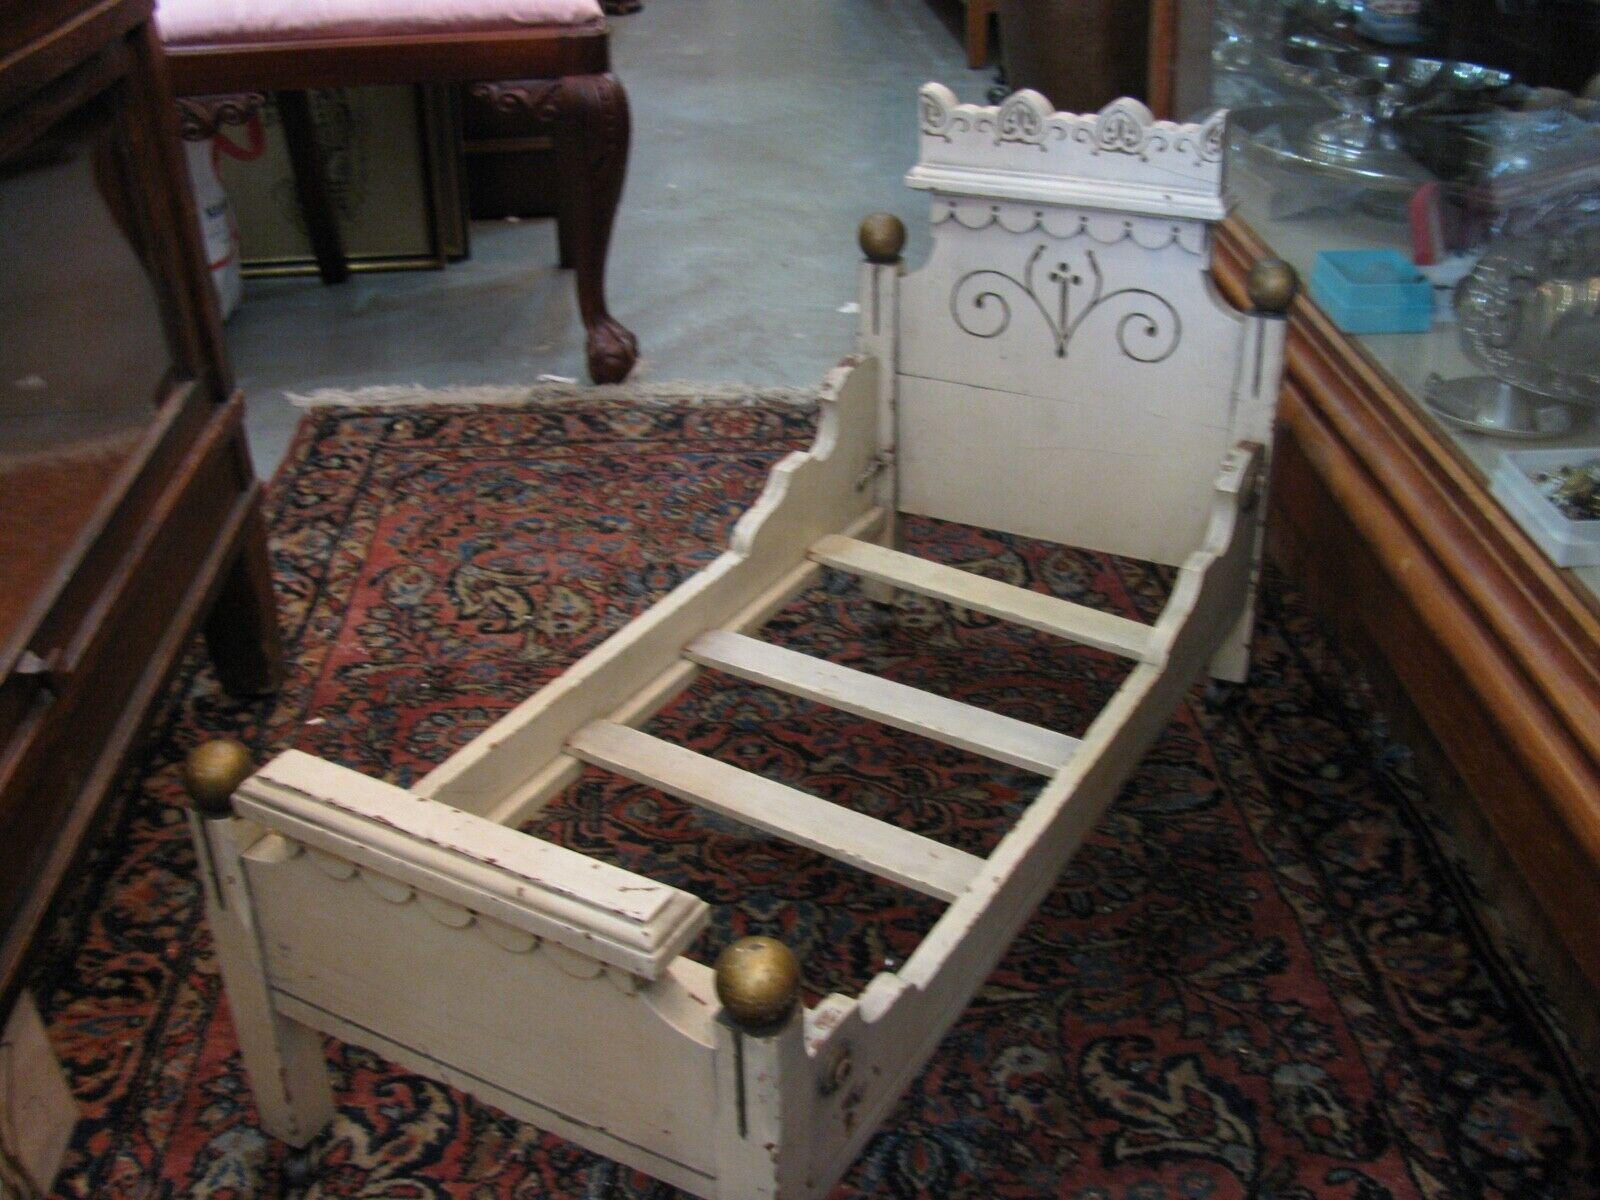 Antique Doll's Victorian Bed - For Restoration Refurbish - Larger Größe